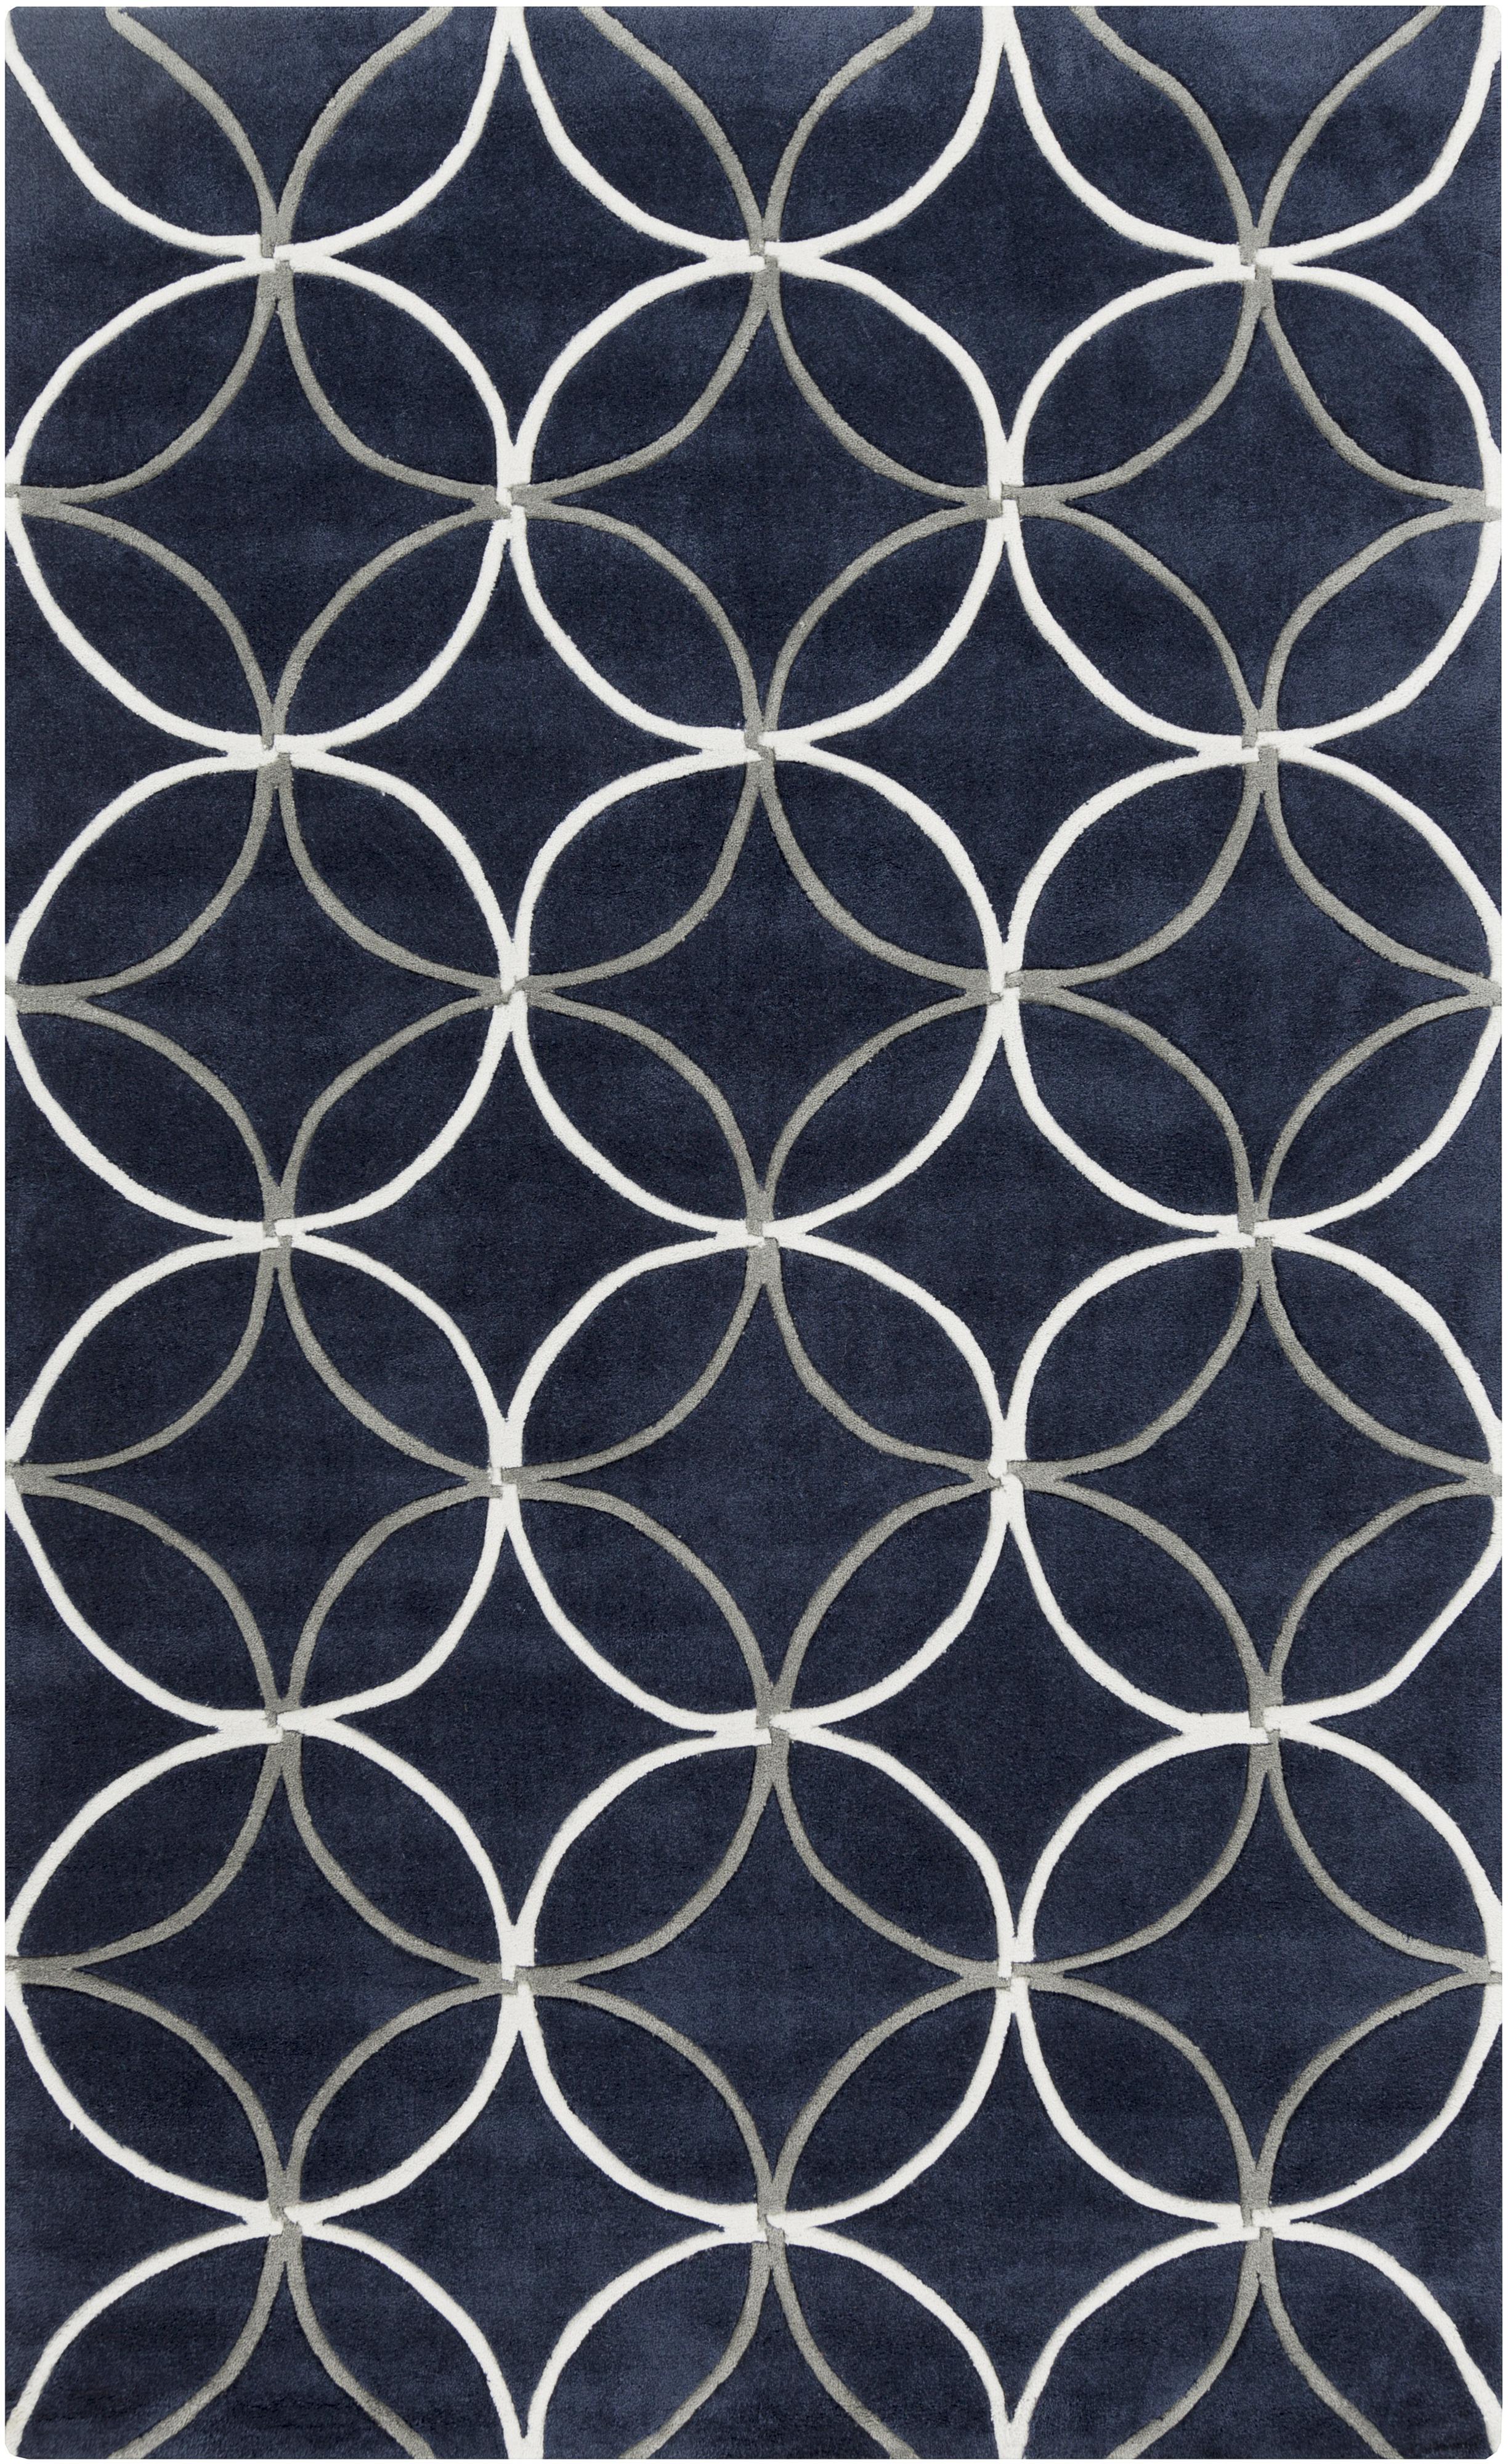 Surya Rugs Cosmopolitan 2' x 3' - Item Number: COS9190-23